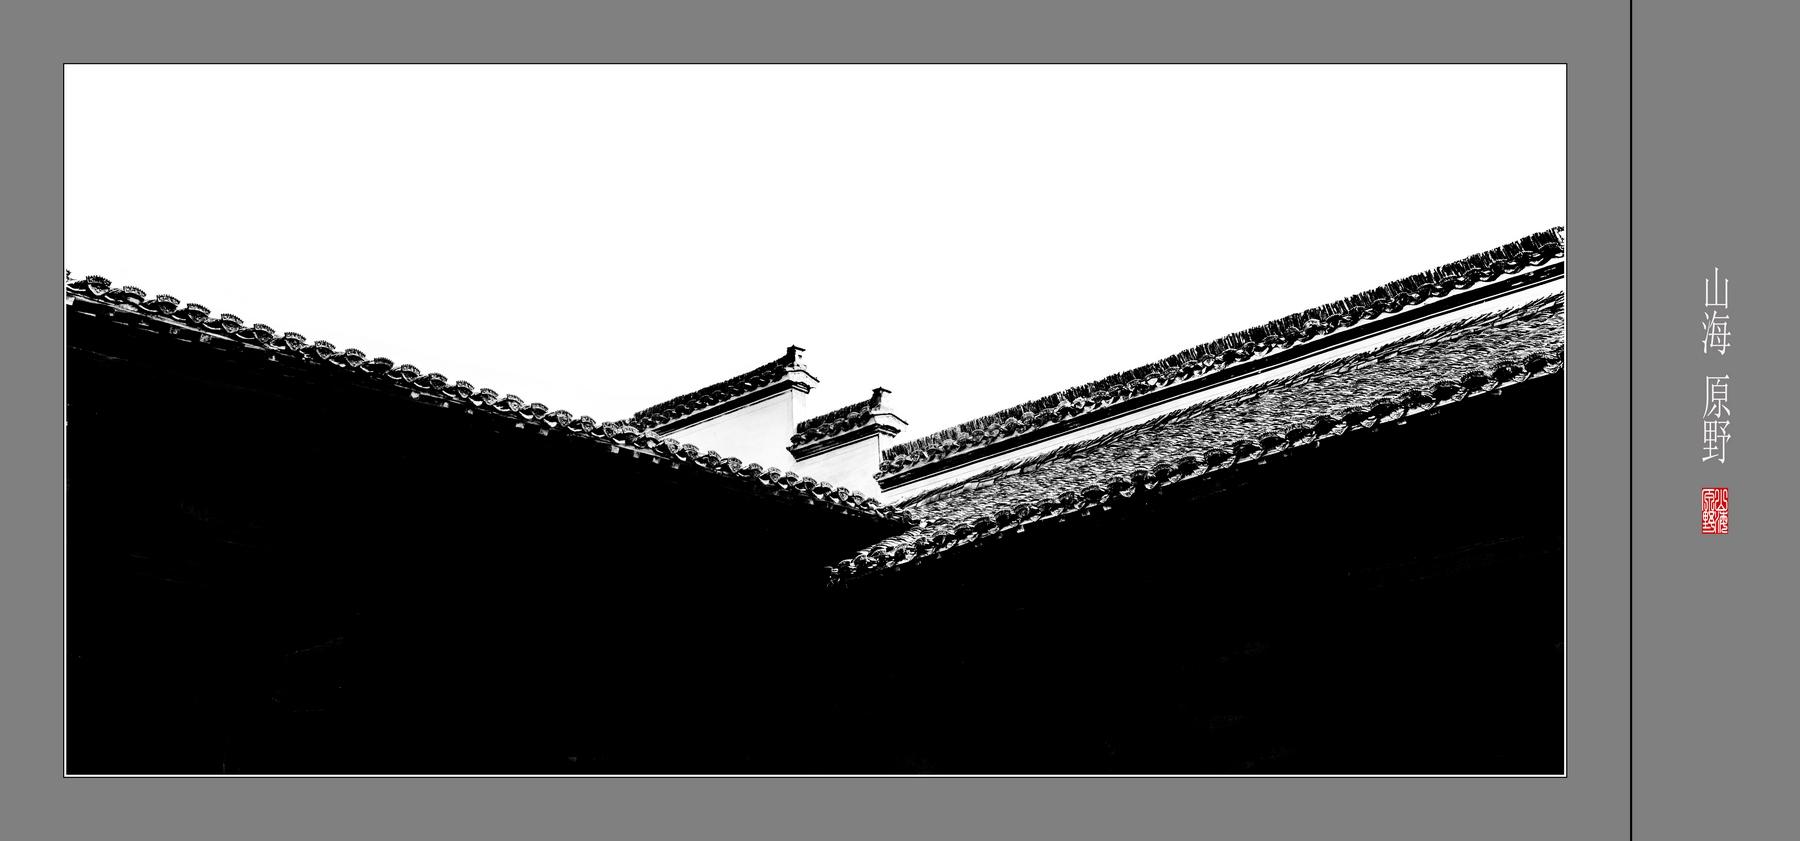 山海原野作品:屋檐